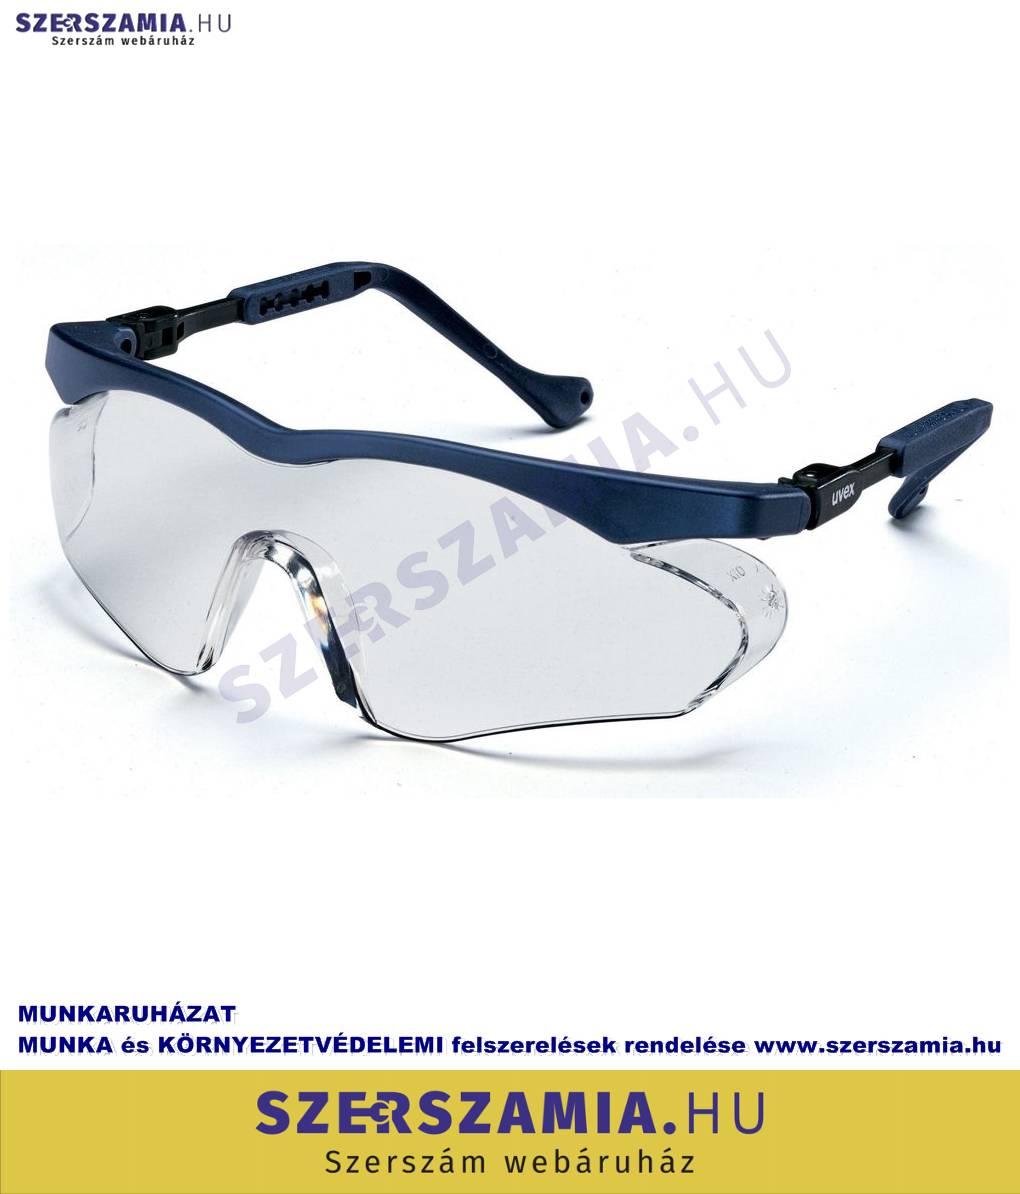 b96aee5fd5 UVEX Skyper SX2 szemüveg, kék keret, víztiszta lencse, 1 darab ...